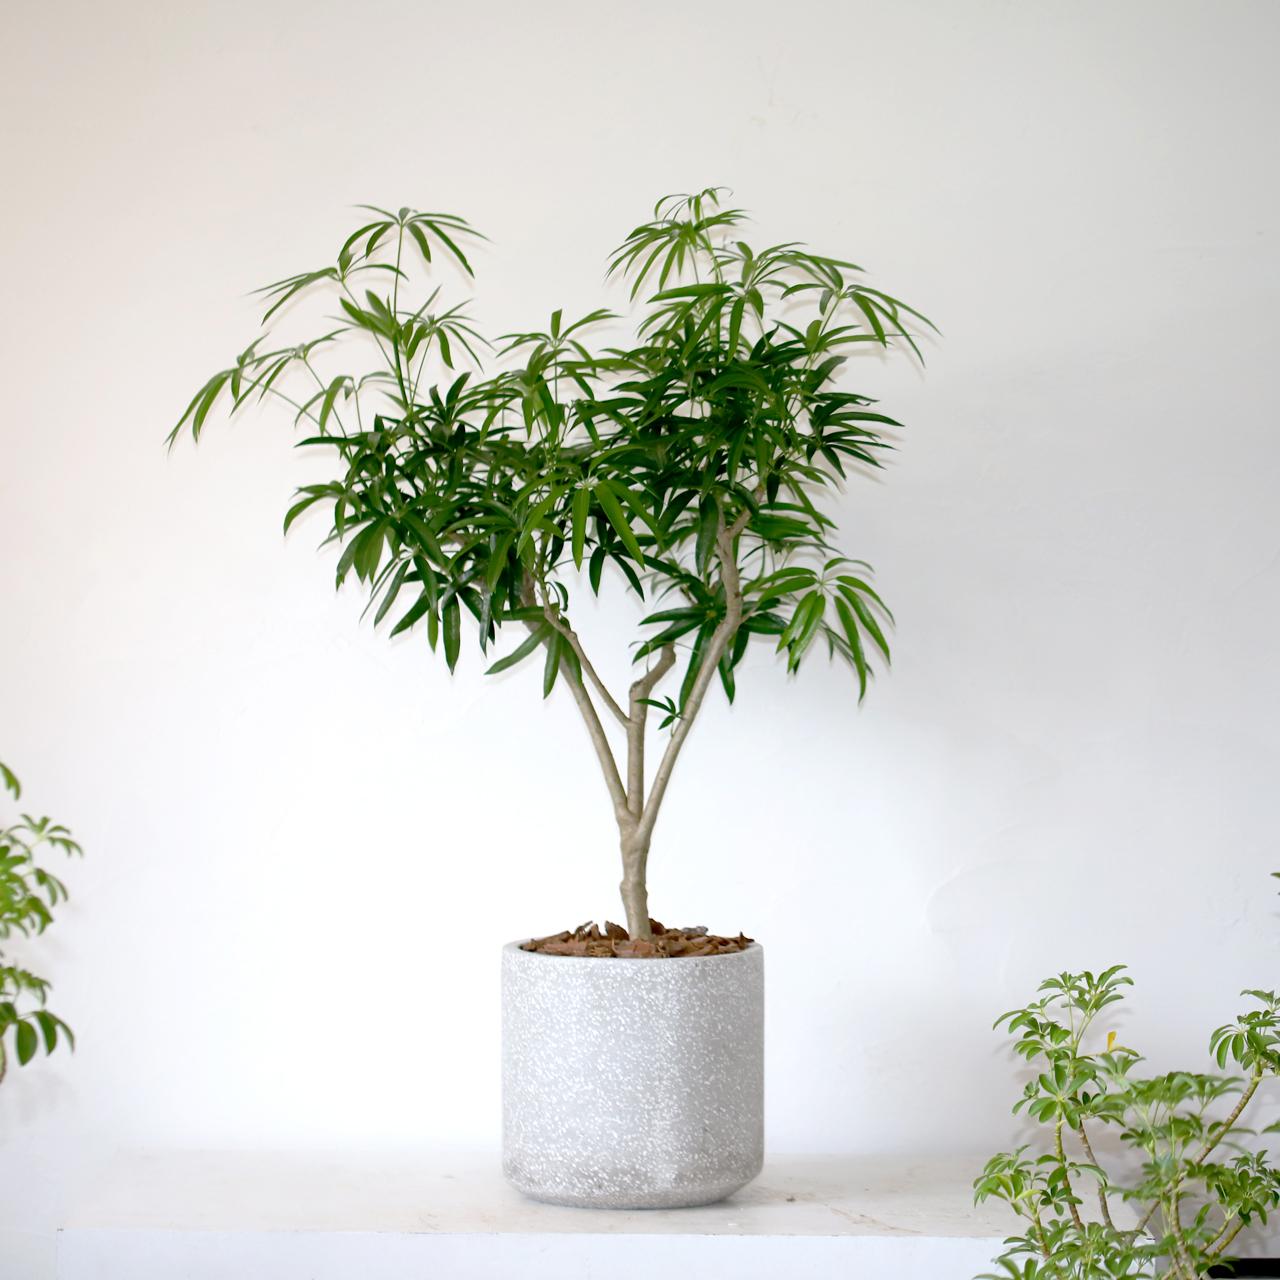 シンボルツリーにおすすめシェフレラ